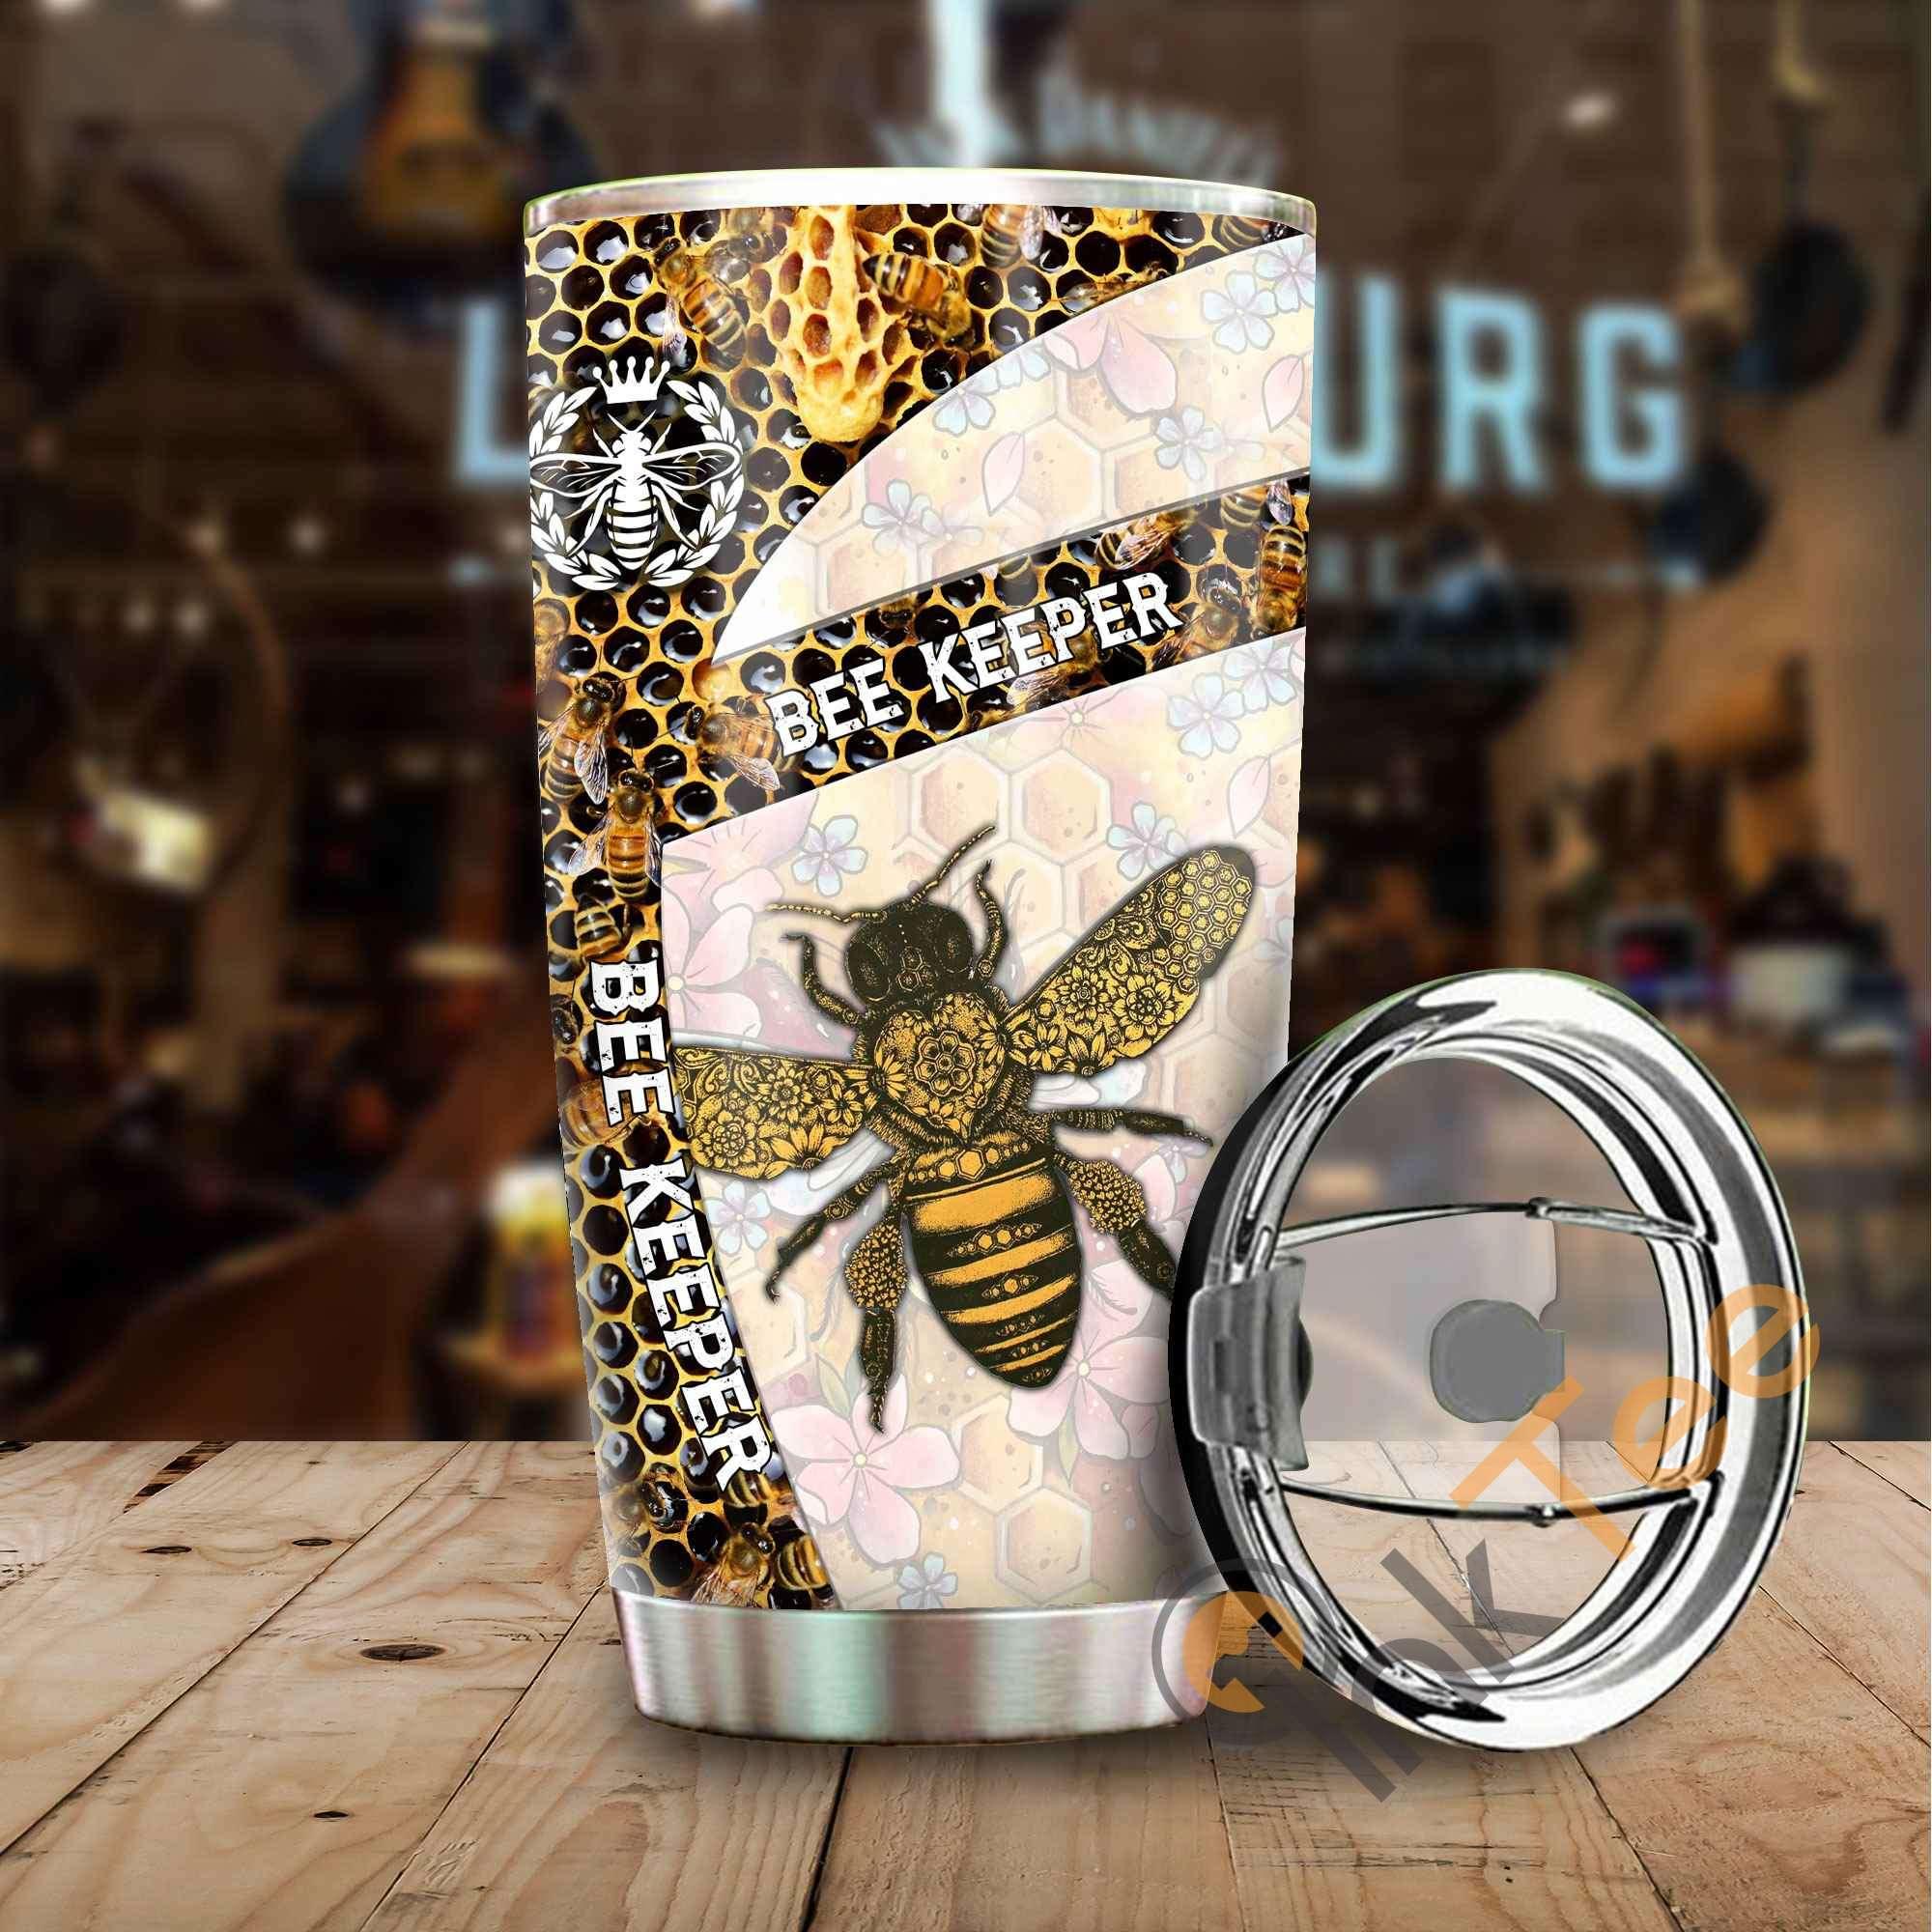 Bee Keeper Amazon Best Seller Sku 3101 Stainless Steel Tumbler